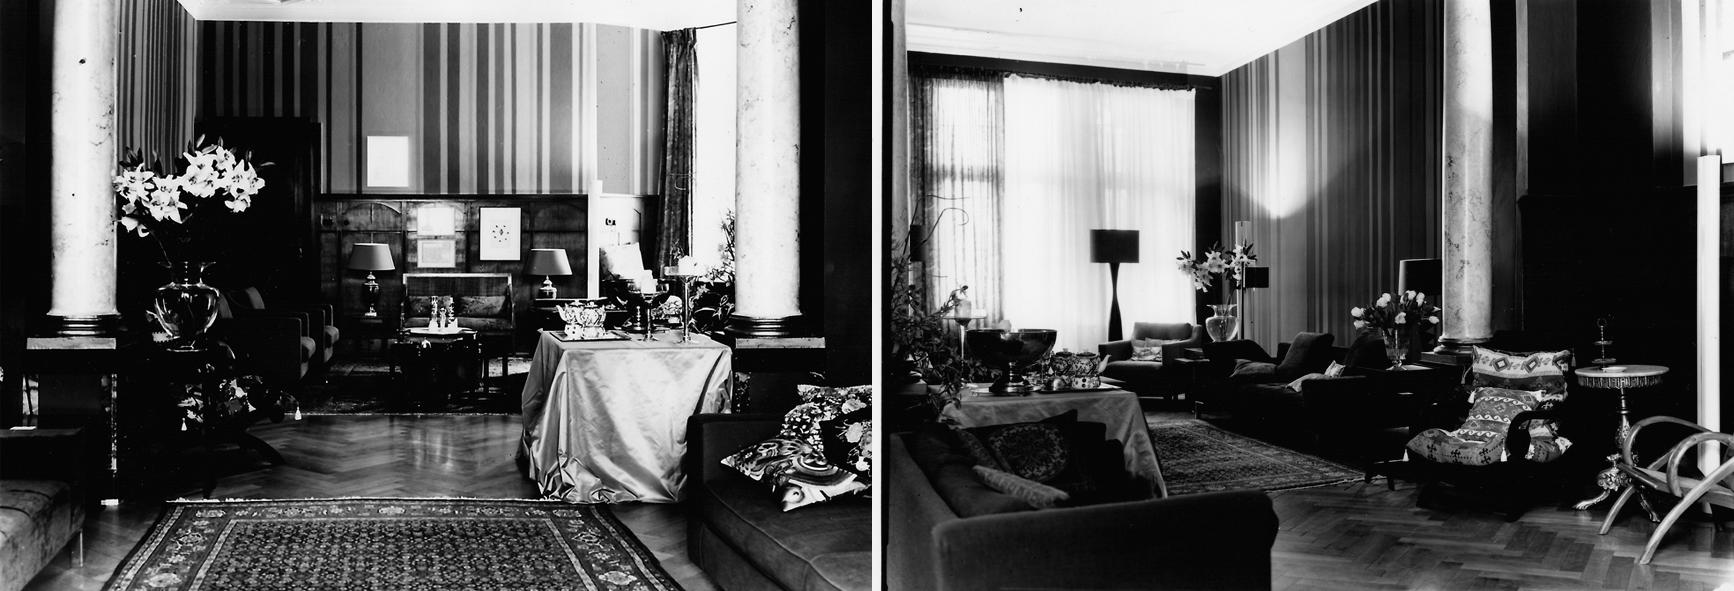 Salon schwarz-weiß